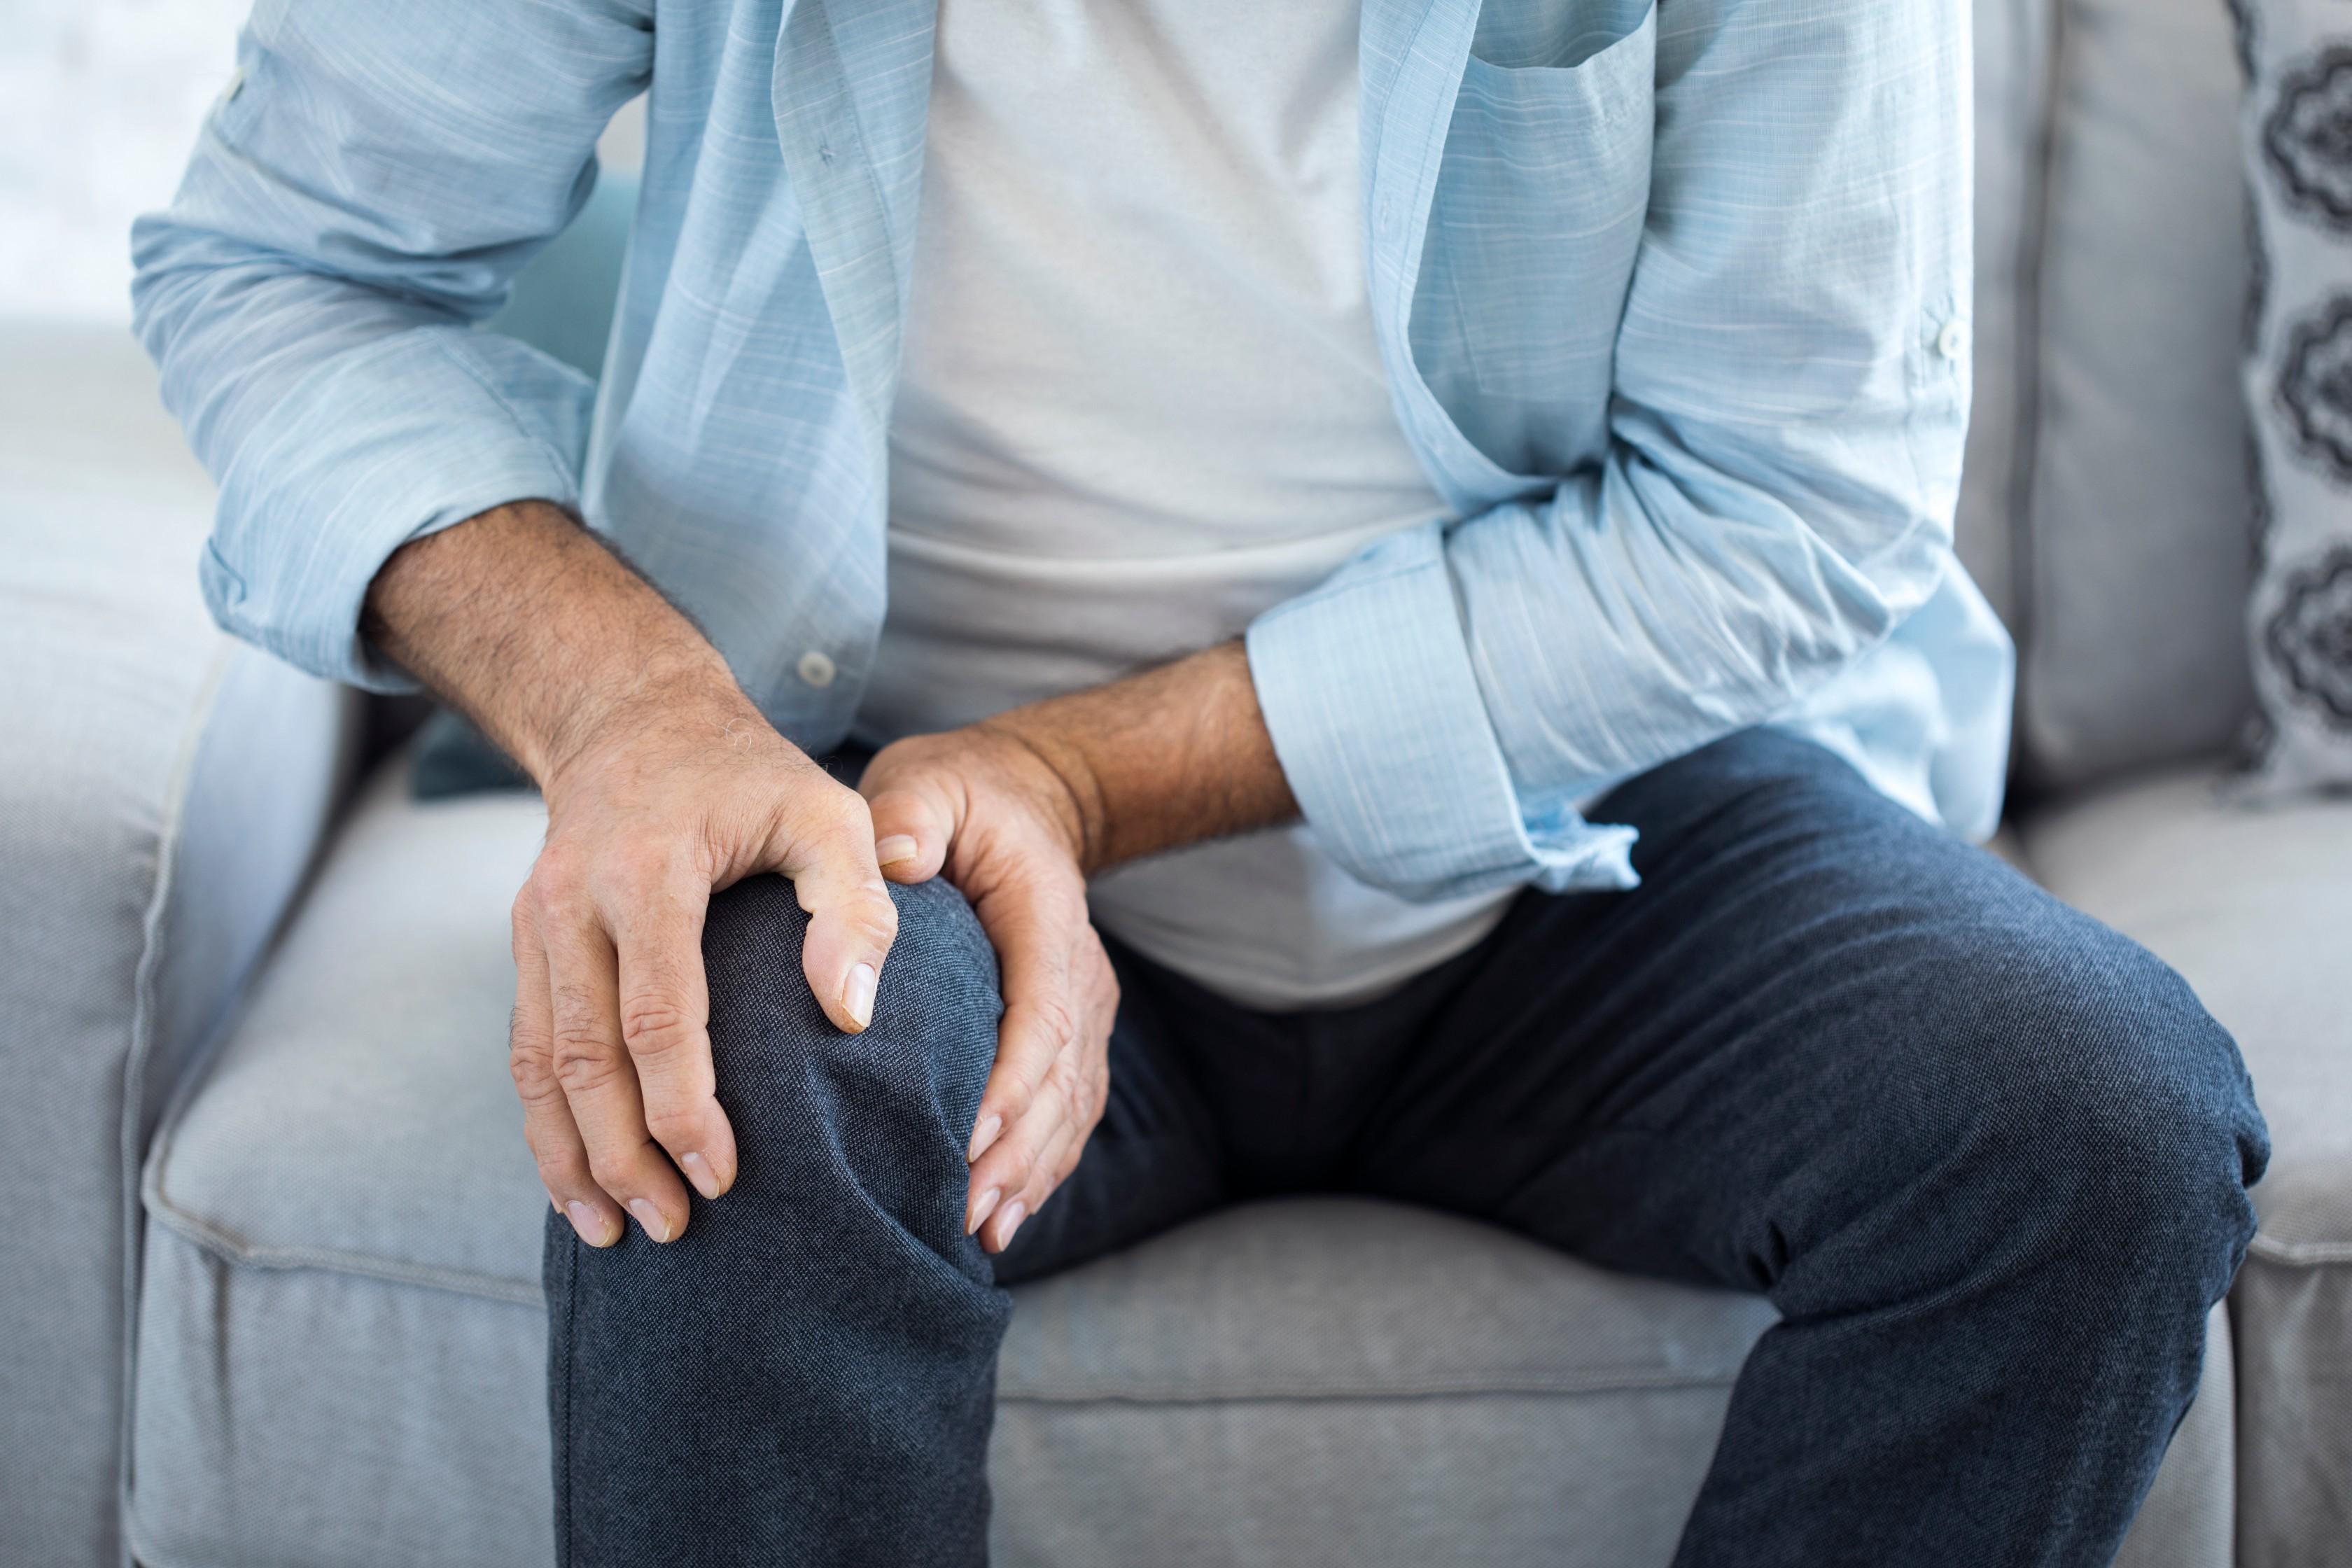 csípőízület nyújtó fájdalom zsineg krónikus boka sérülések